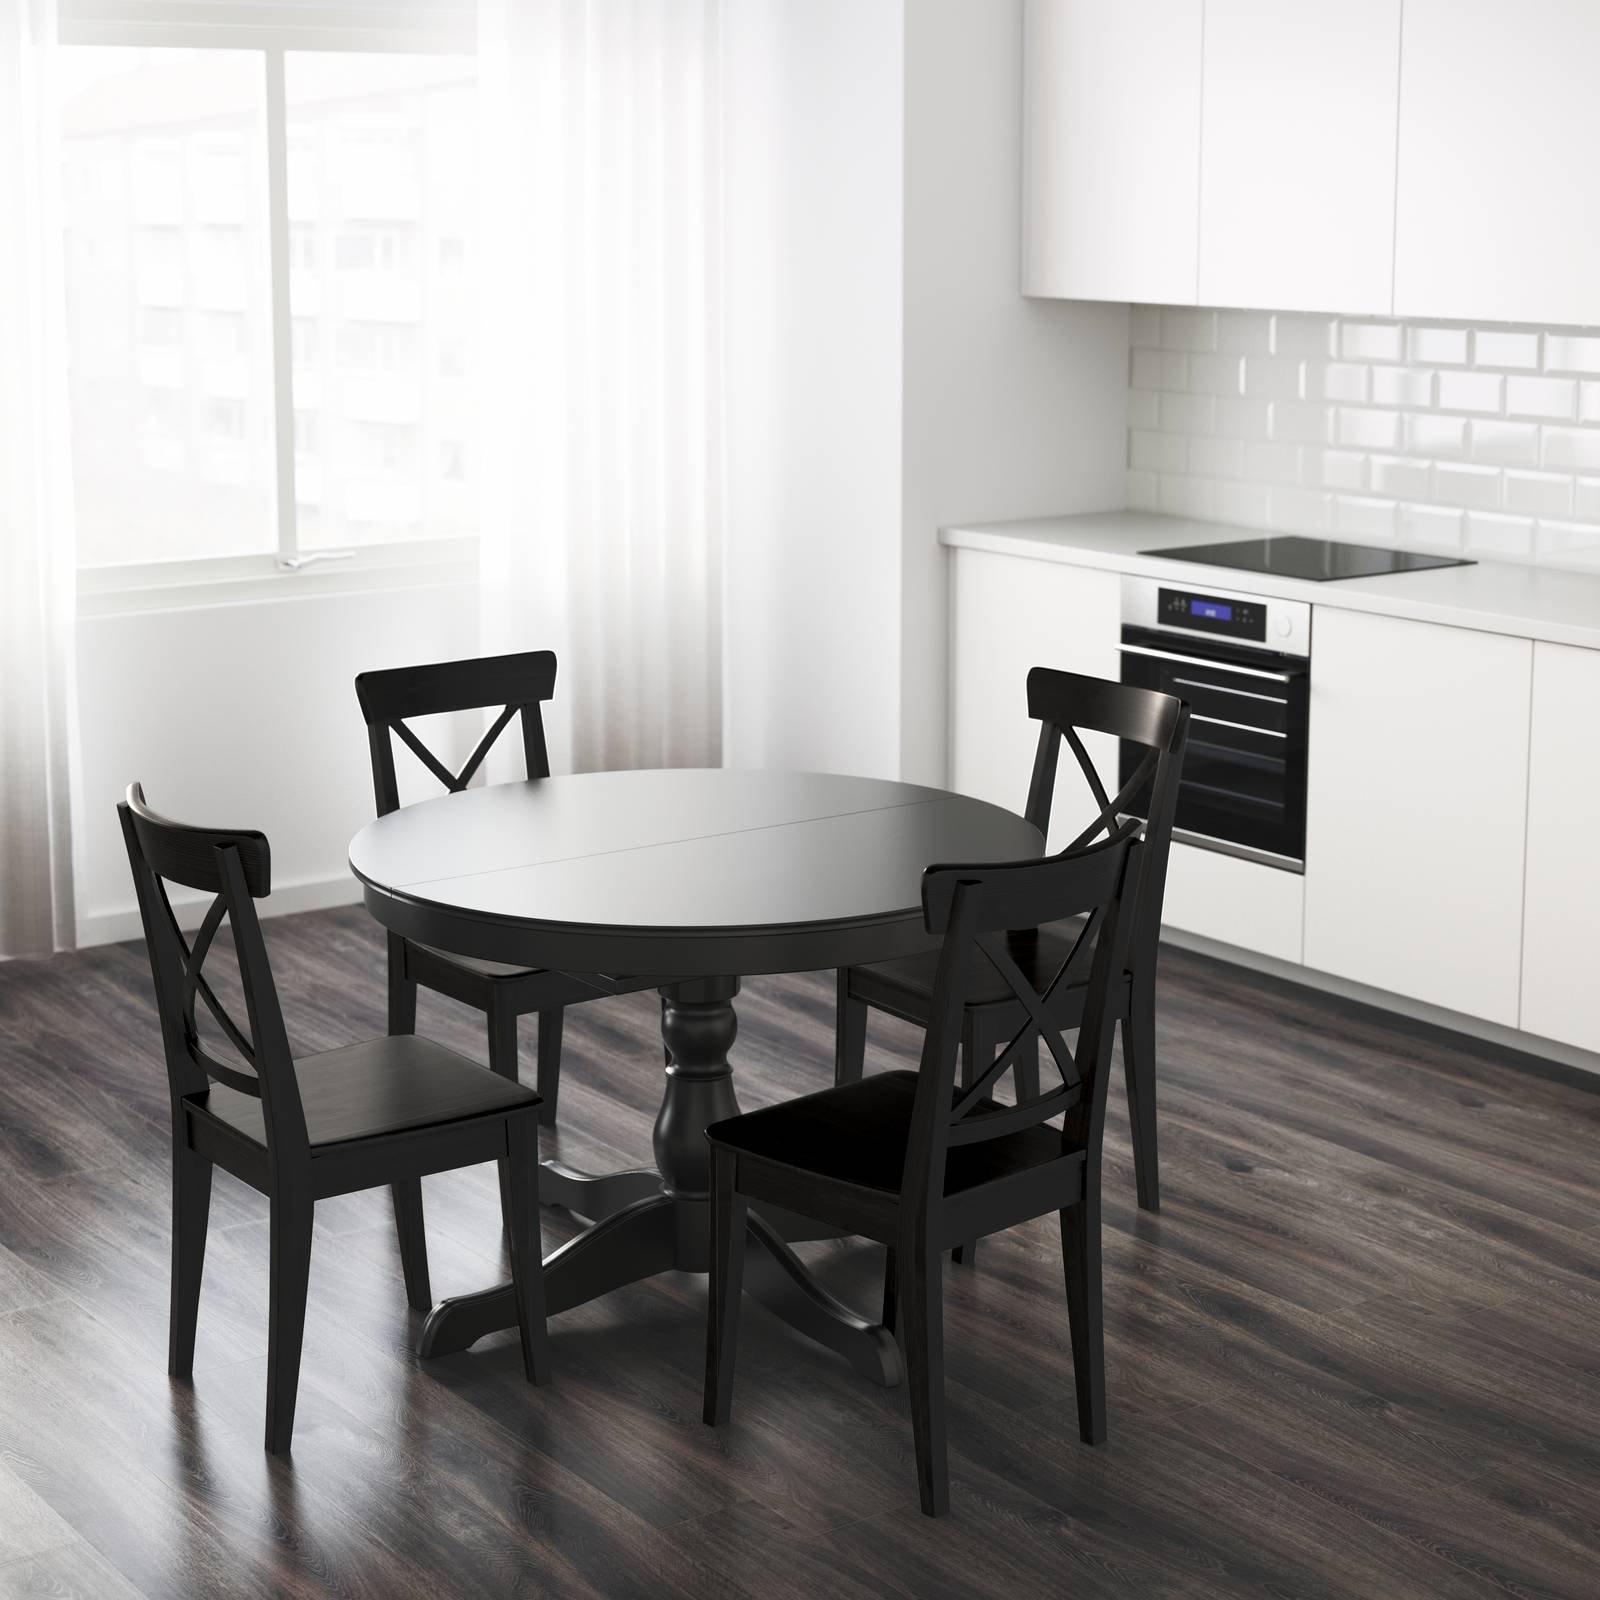 Tavolo Da Esterno Allungabile Ikea.Tavolo Rotondo Allungabile Contemporaneo Classico In Stile